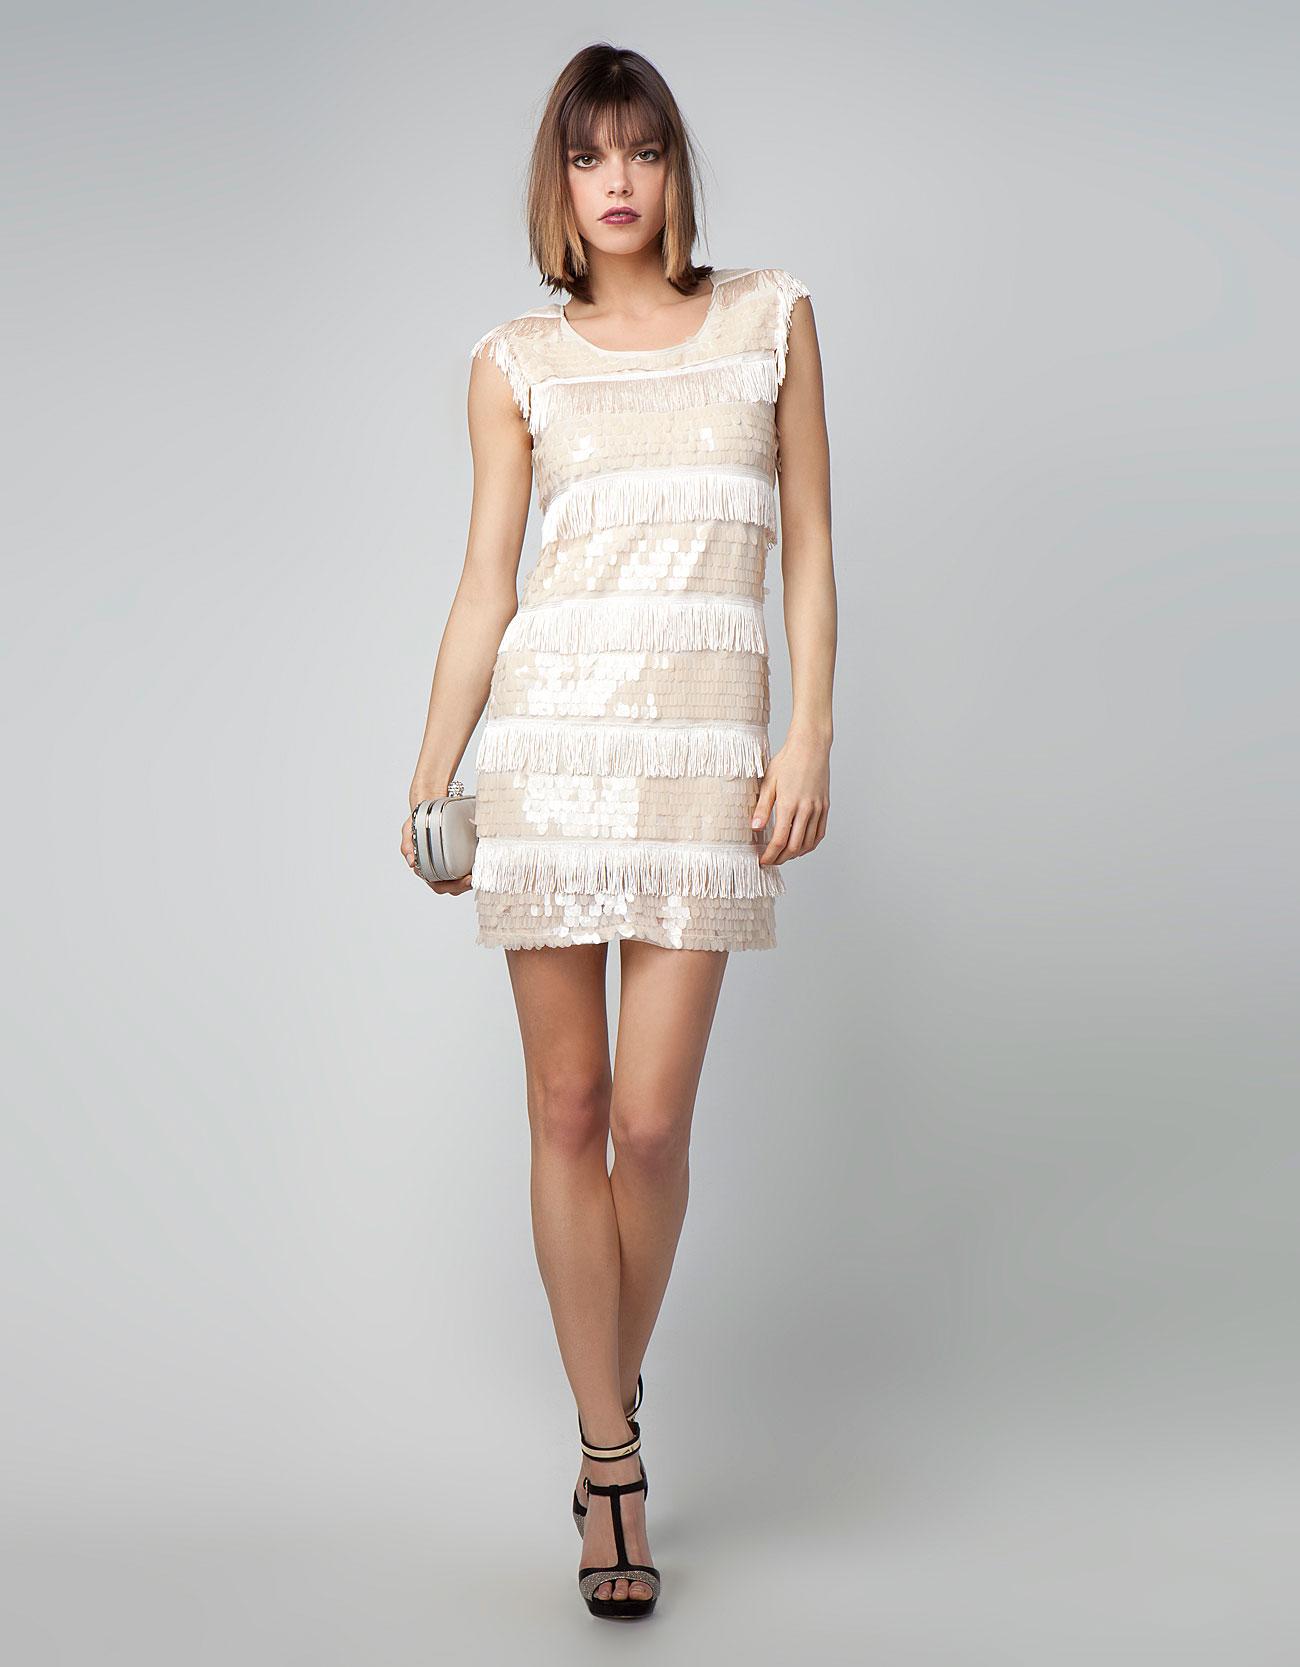 Секс в белом коротком платье 10 фотография